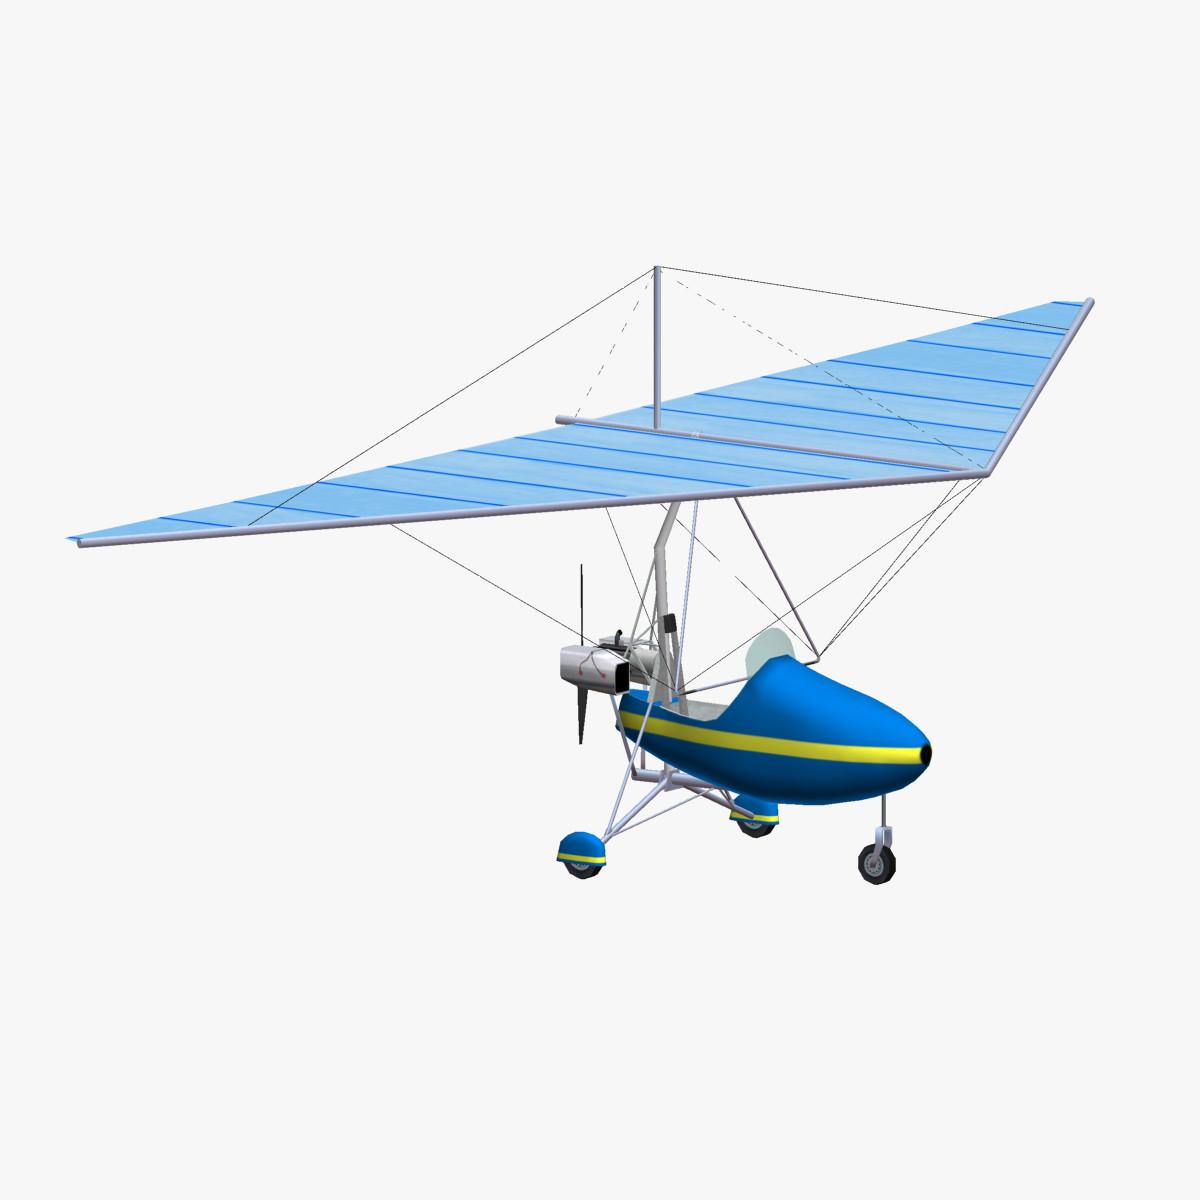 3d Motor Glider